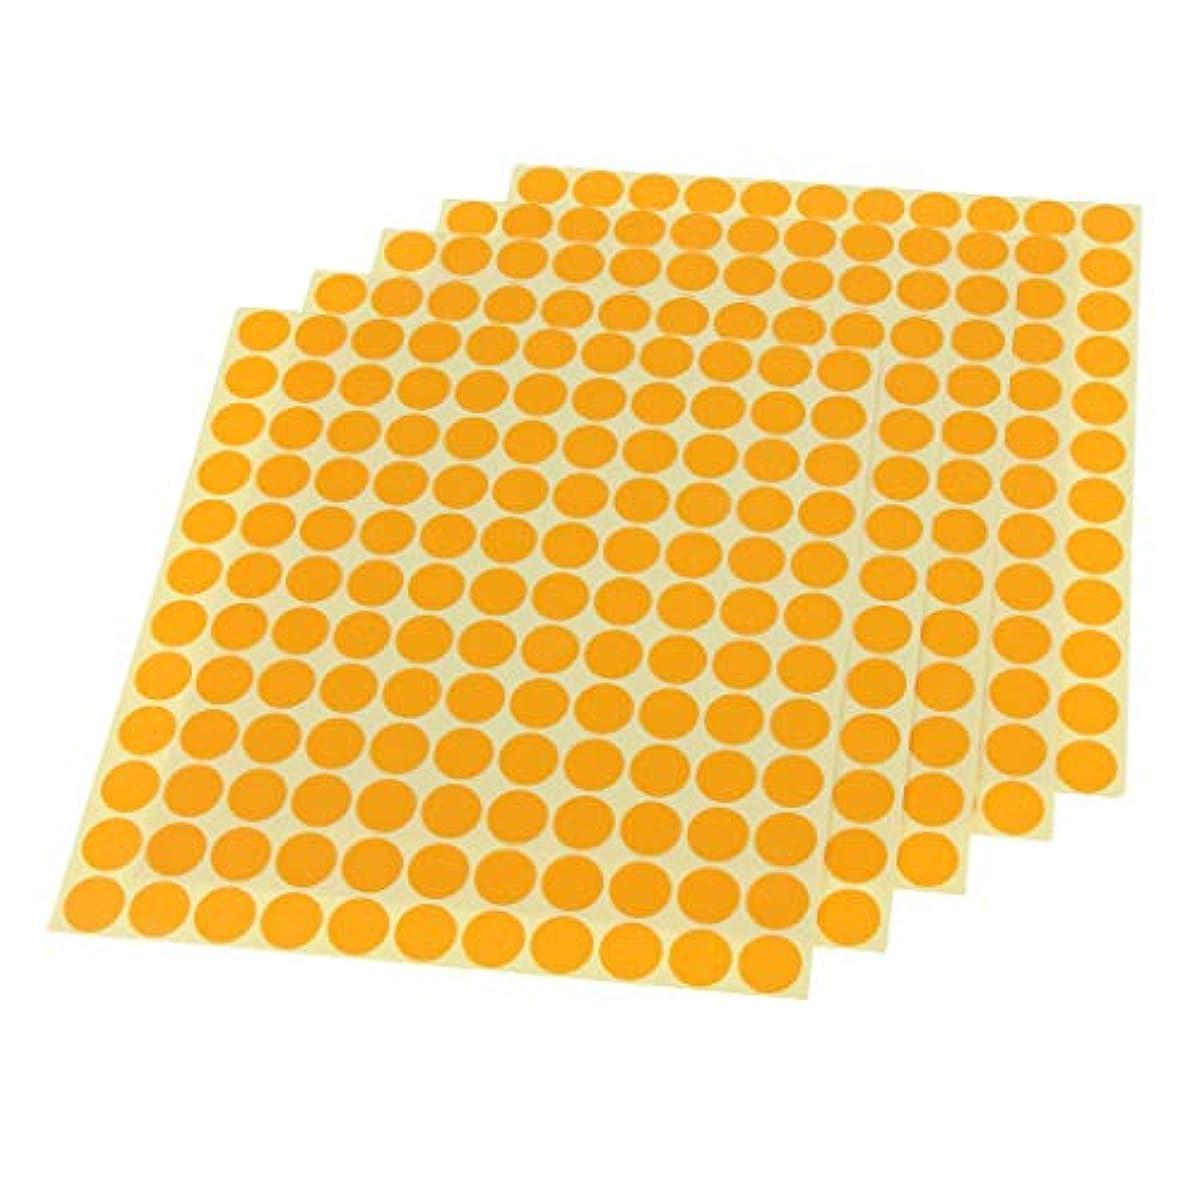 学部どうやって自分5個入り ラベルシート エッセンシャルオイル ボトル 貼り付け ステッカー 自己接着ラベル 防水耐油 - オレンジ